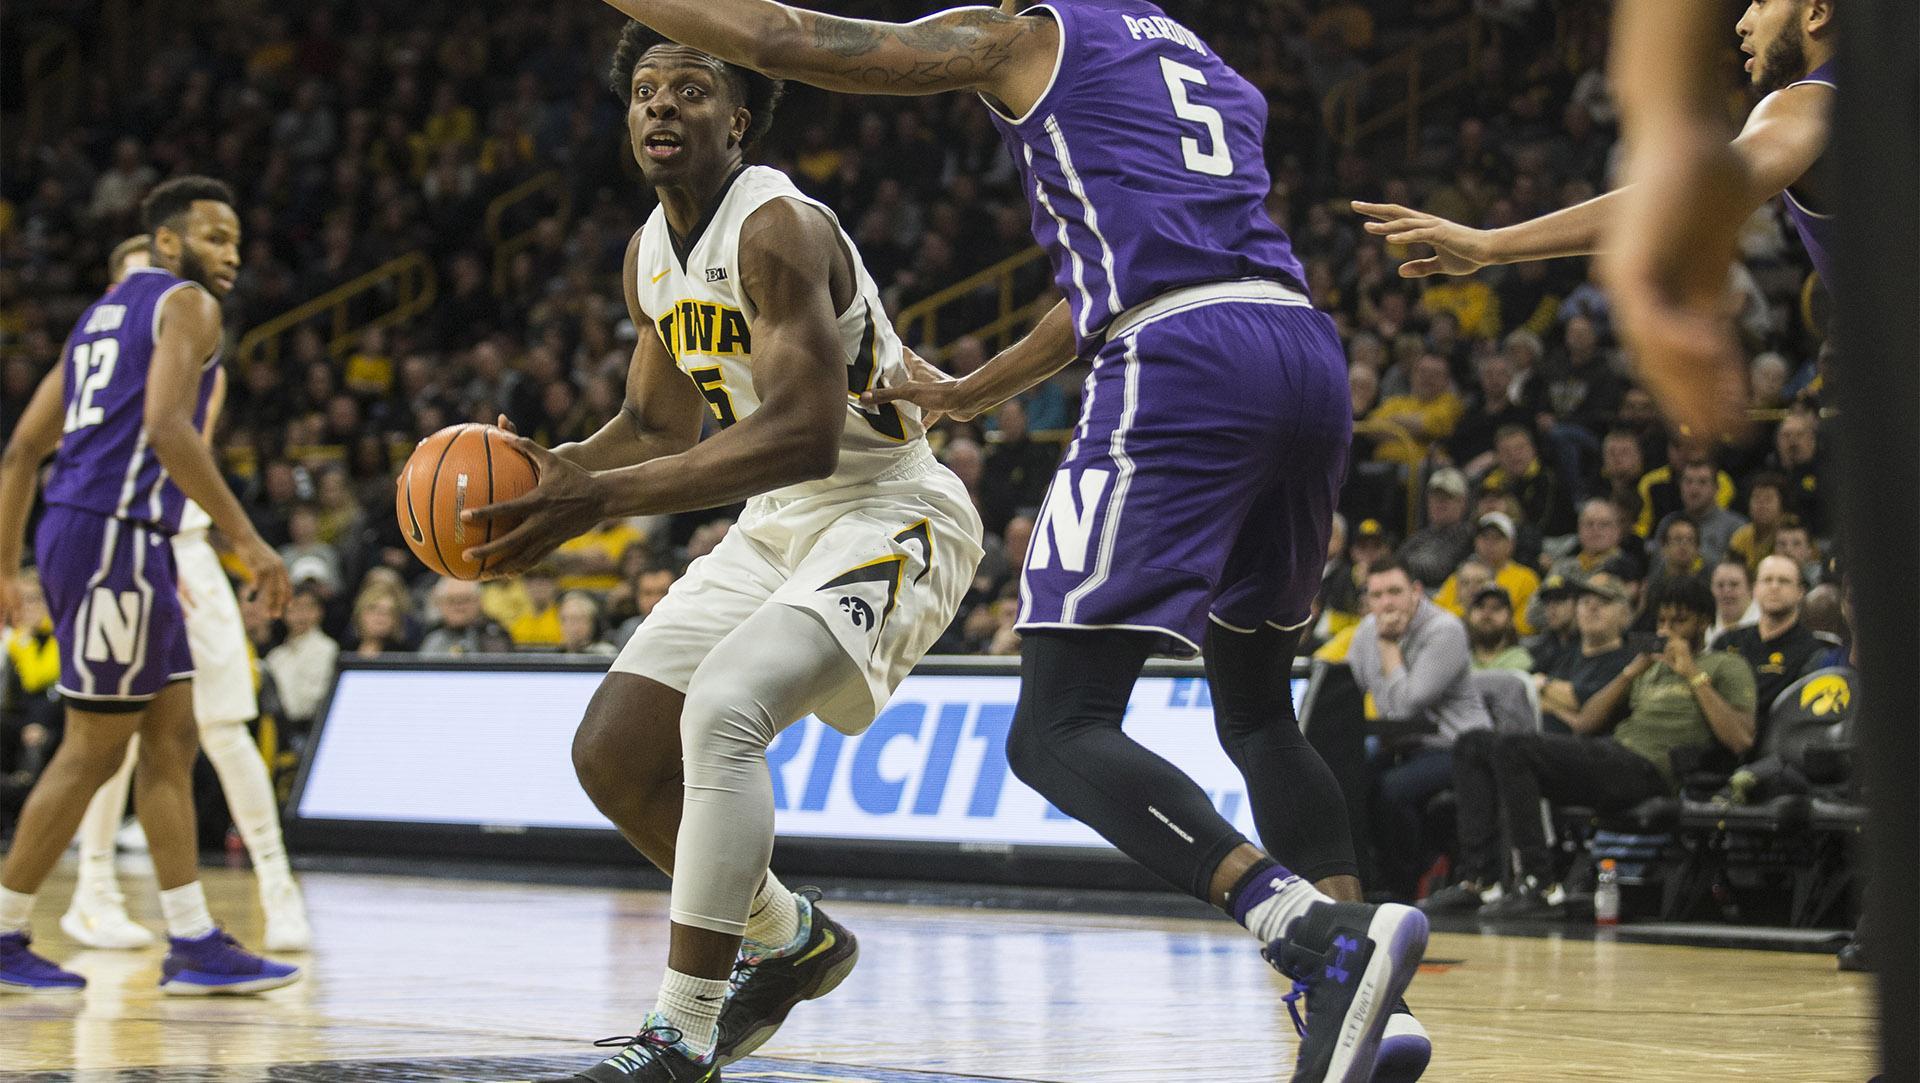 DITV: Basketball player Tyler Cook will return for next season